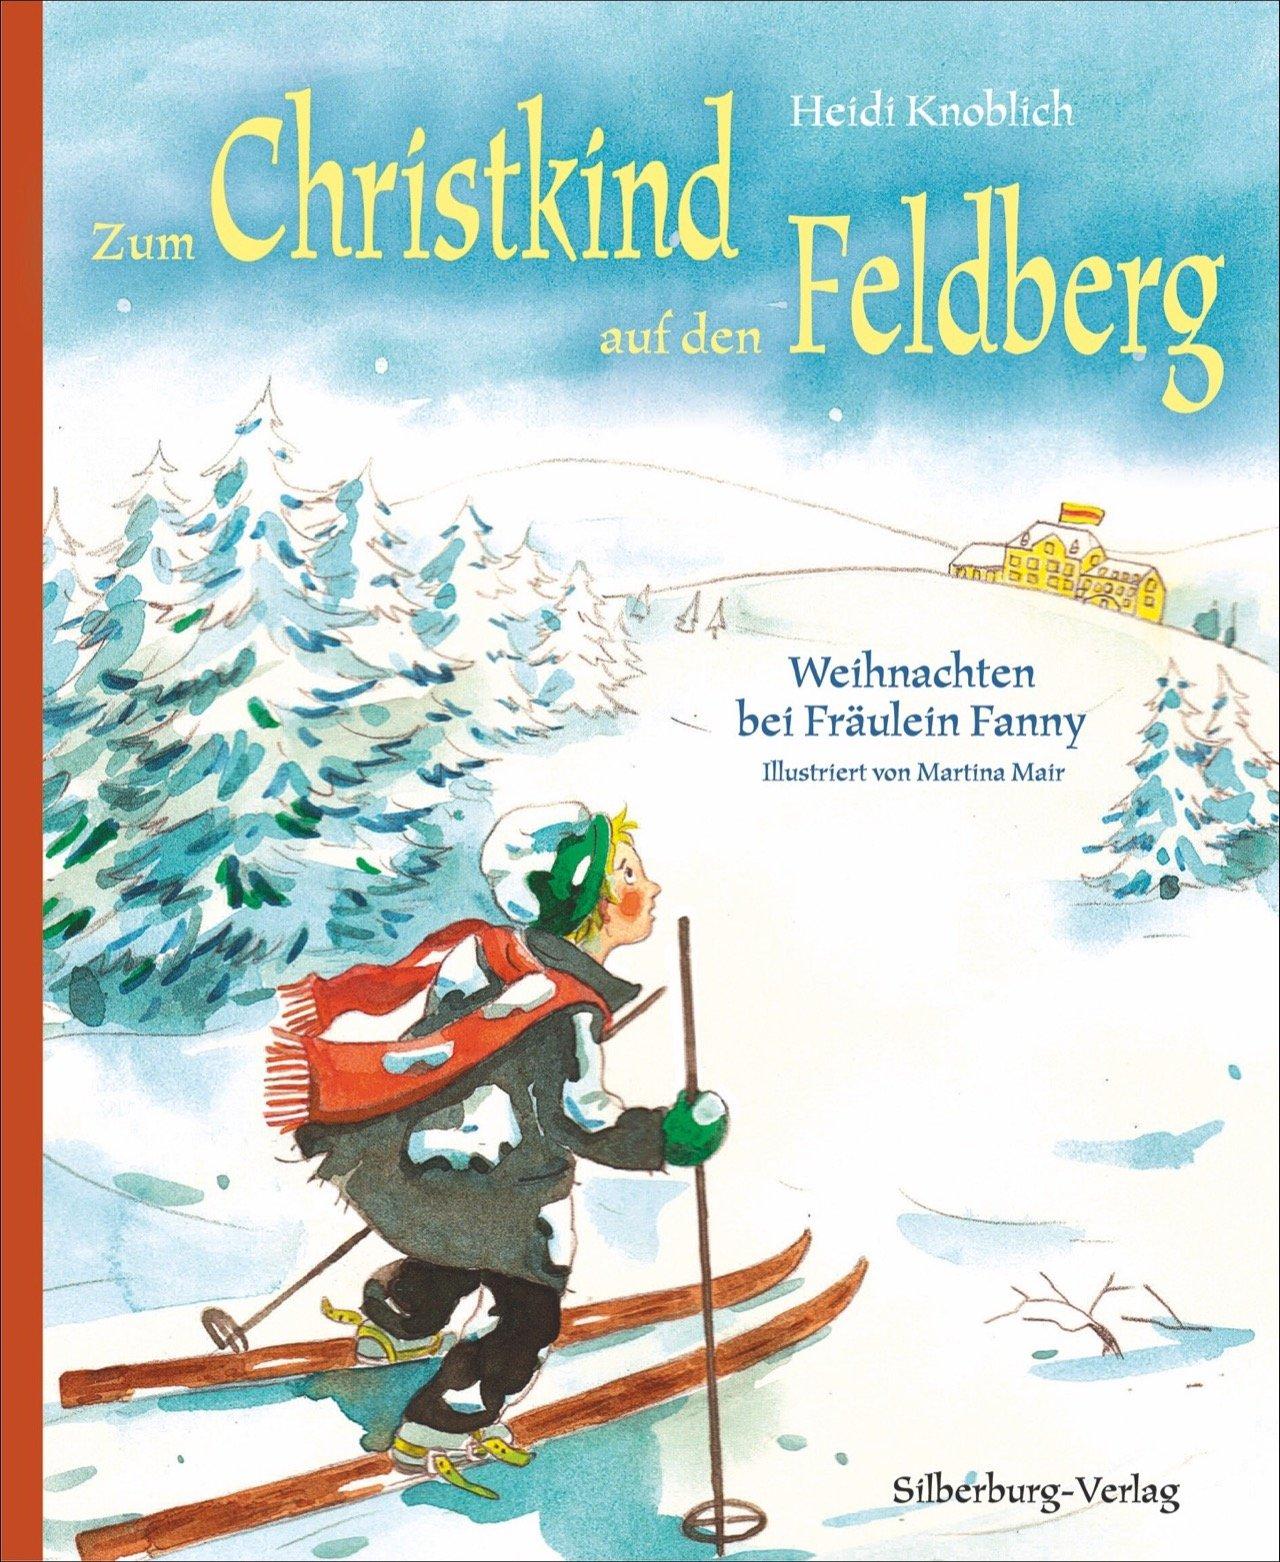 Christkind Bilder Weihnachten.Zum Christkind Auf Den Feldberg Weihnachten Bei Fräulein Fanny